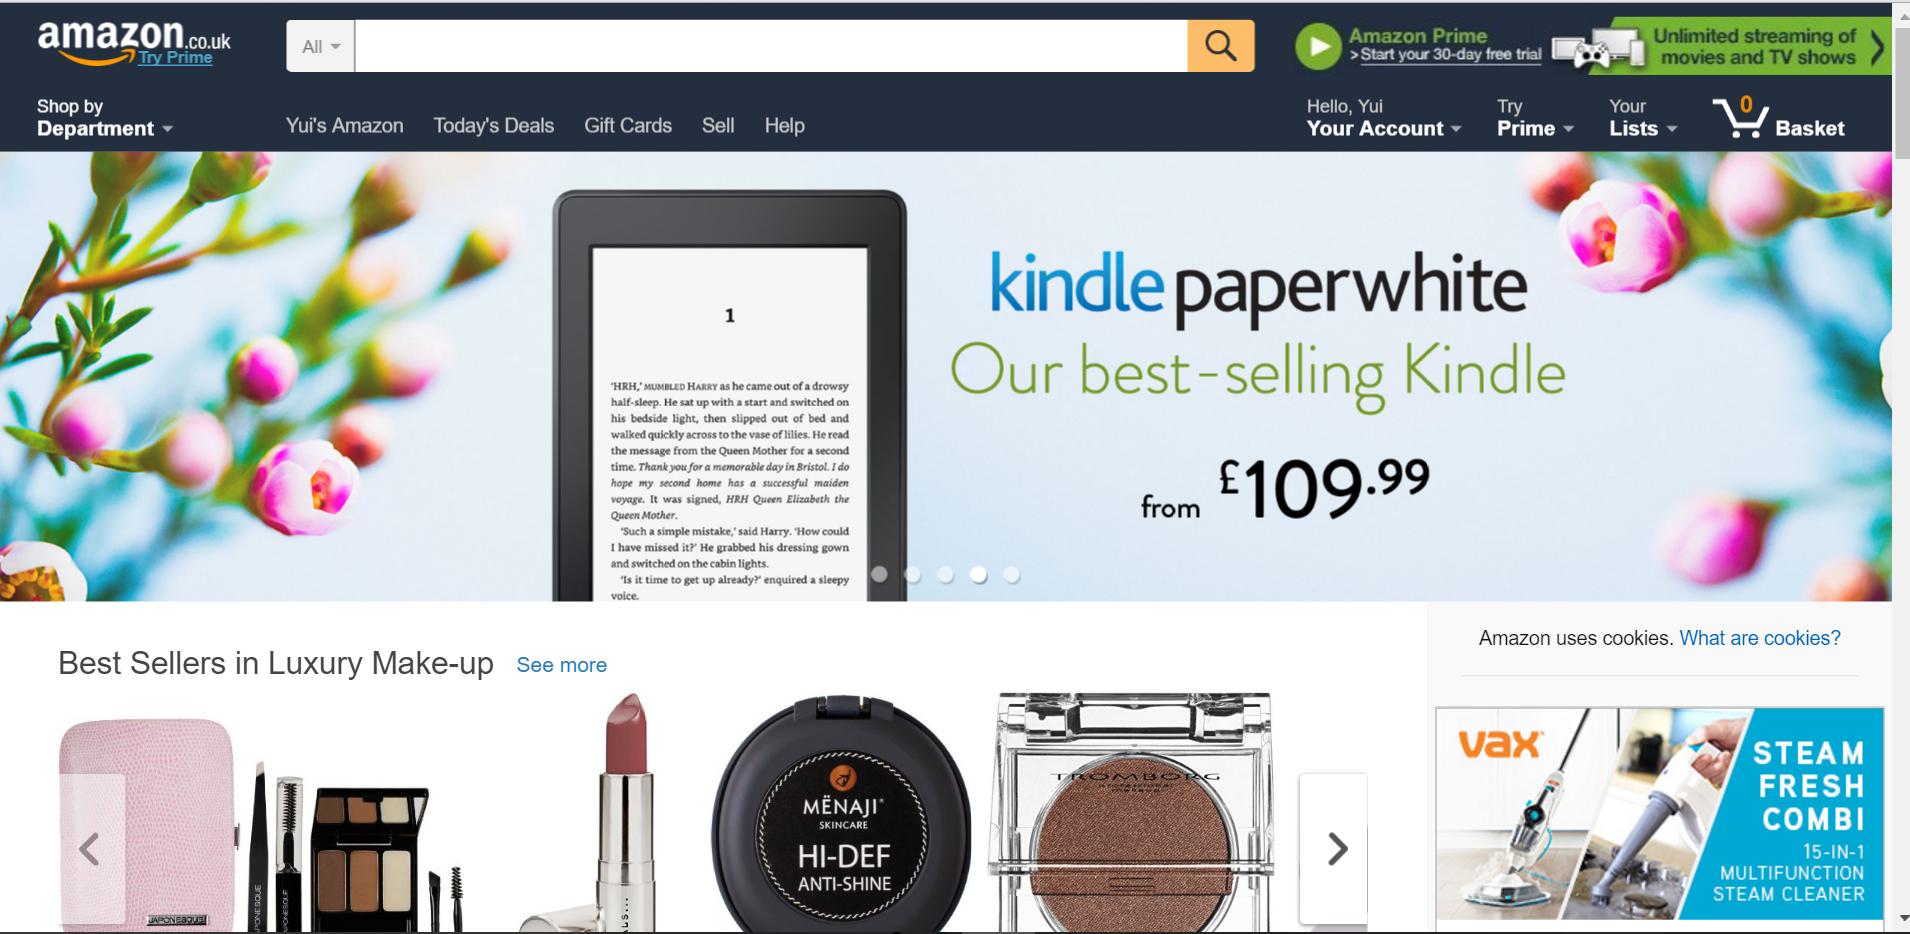 Amazon uk で買い物をしようとしたら、ログインできない!!そしてまさかのkonozama事件発生